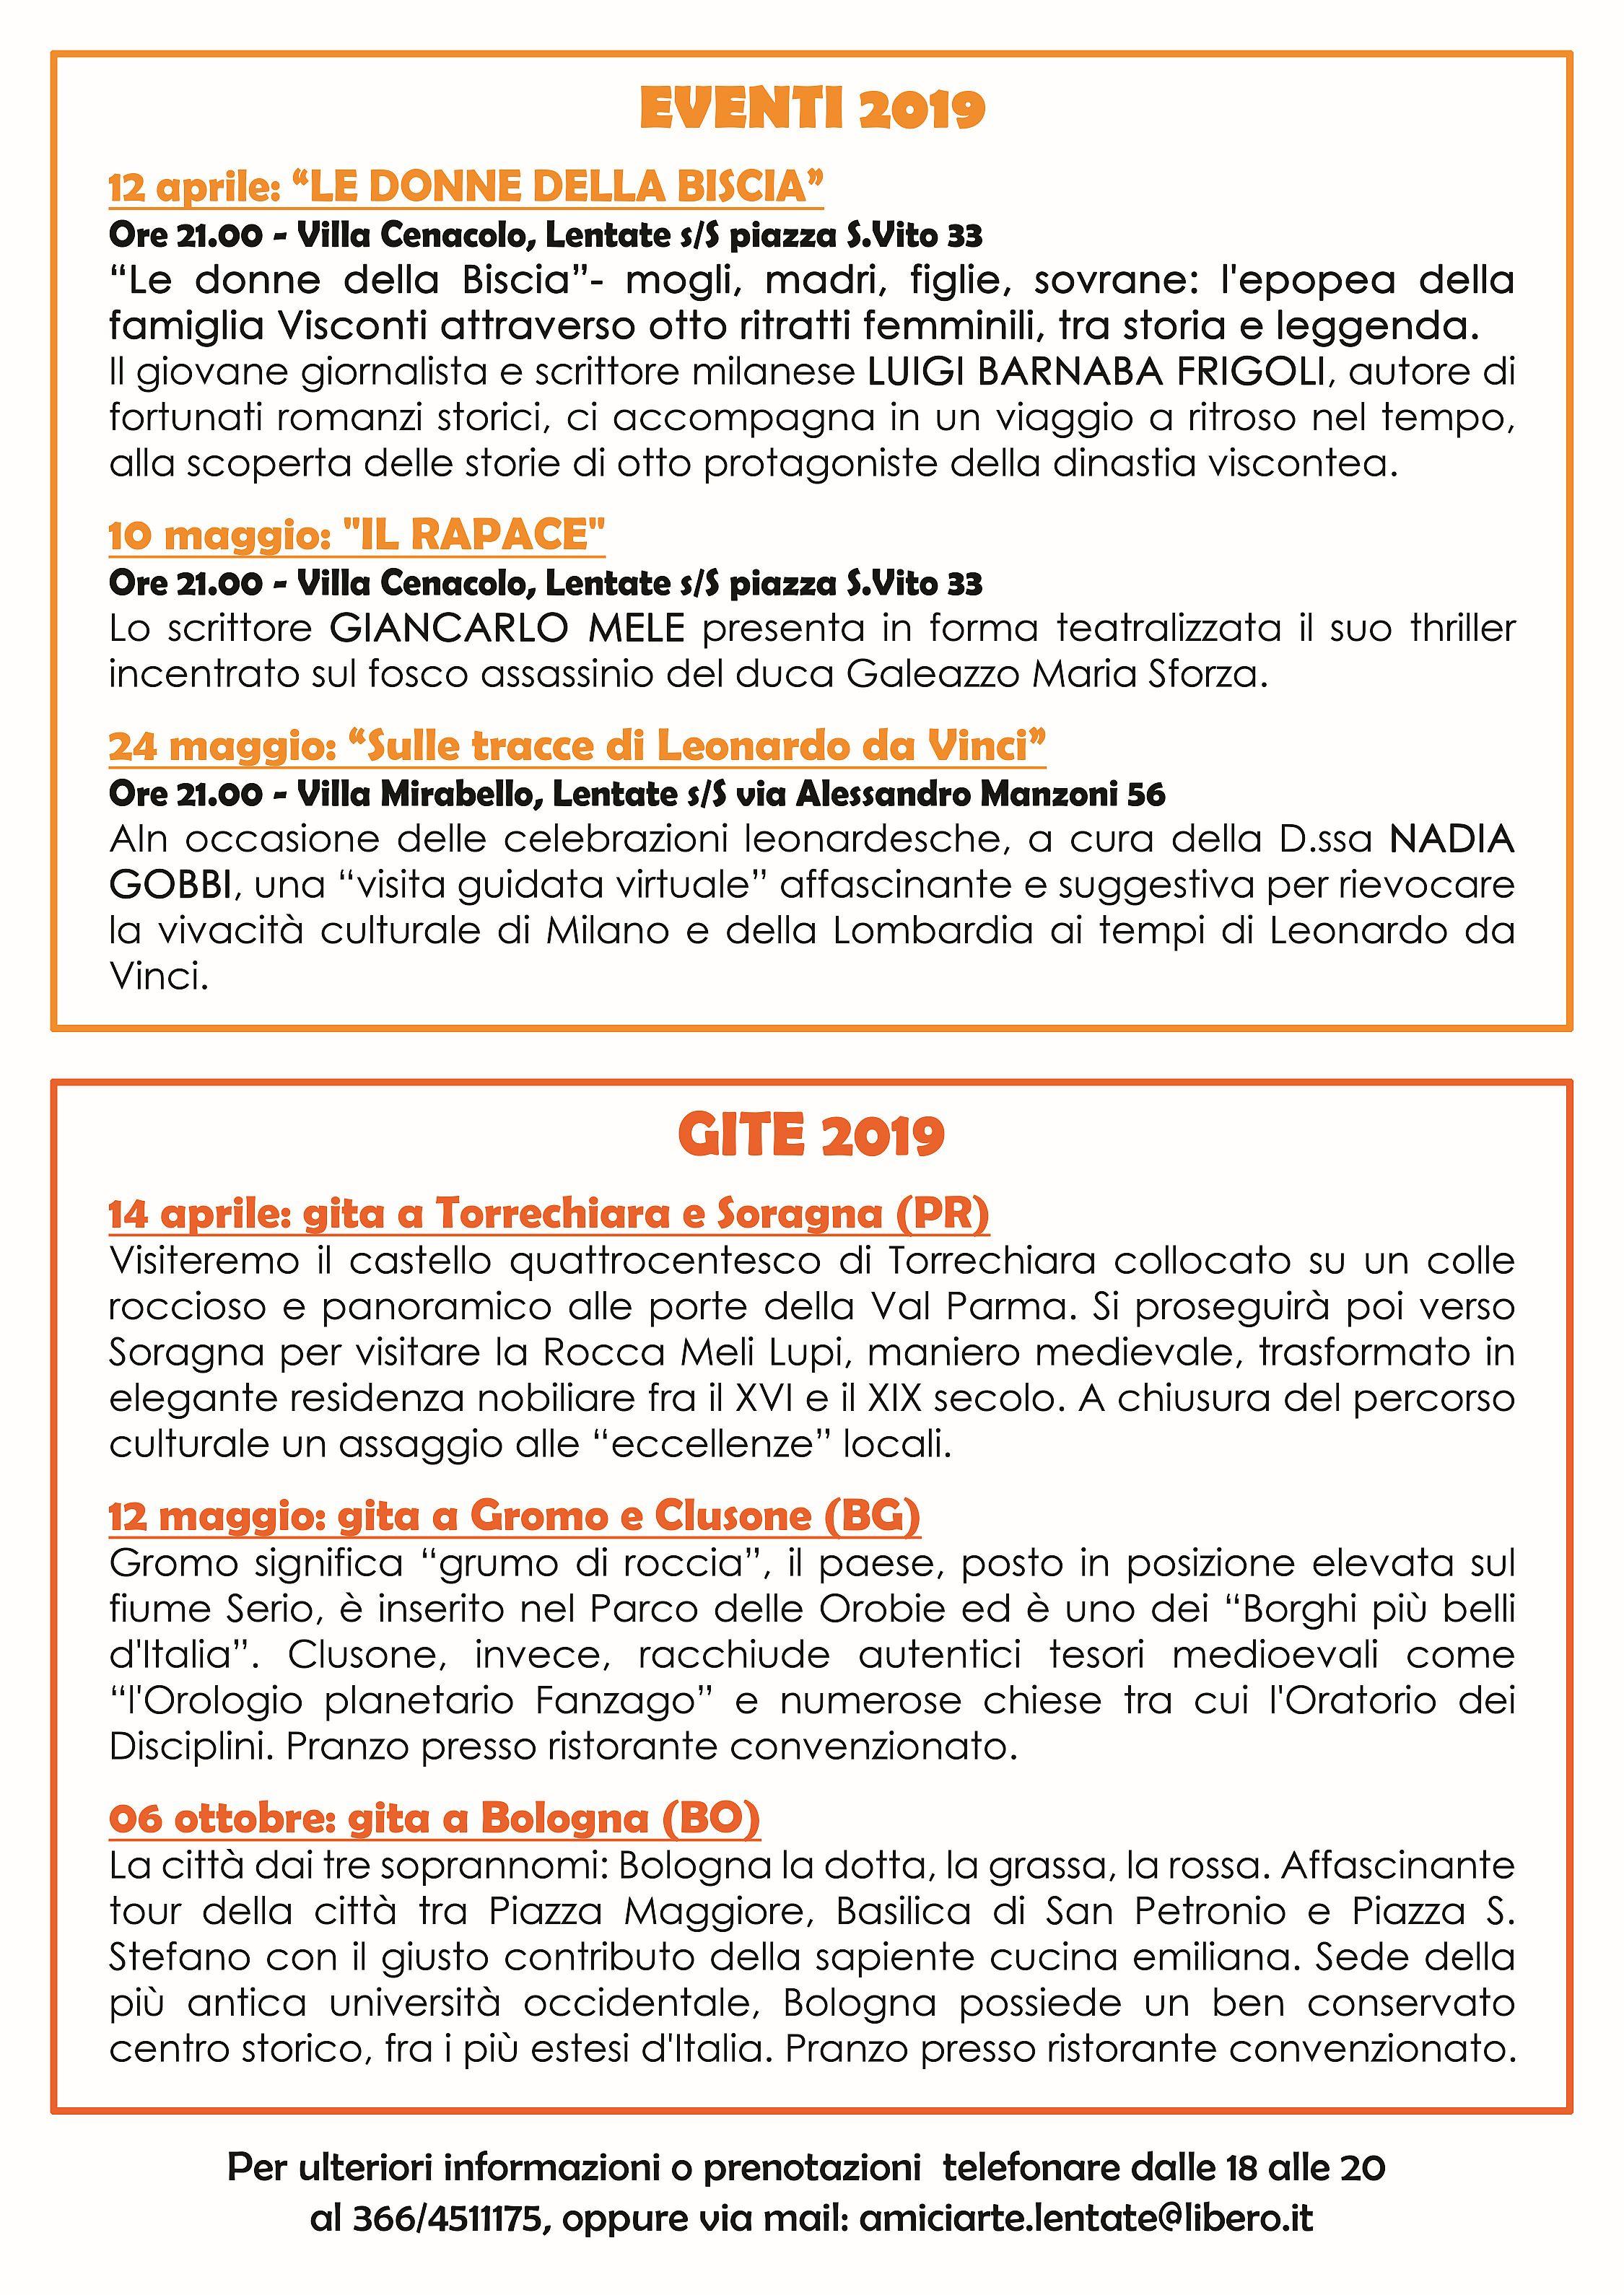 CONFERENZE E GITE 2019